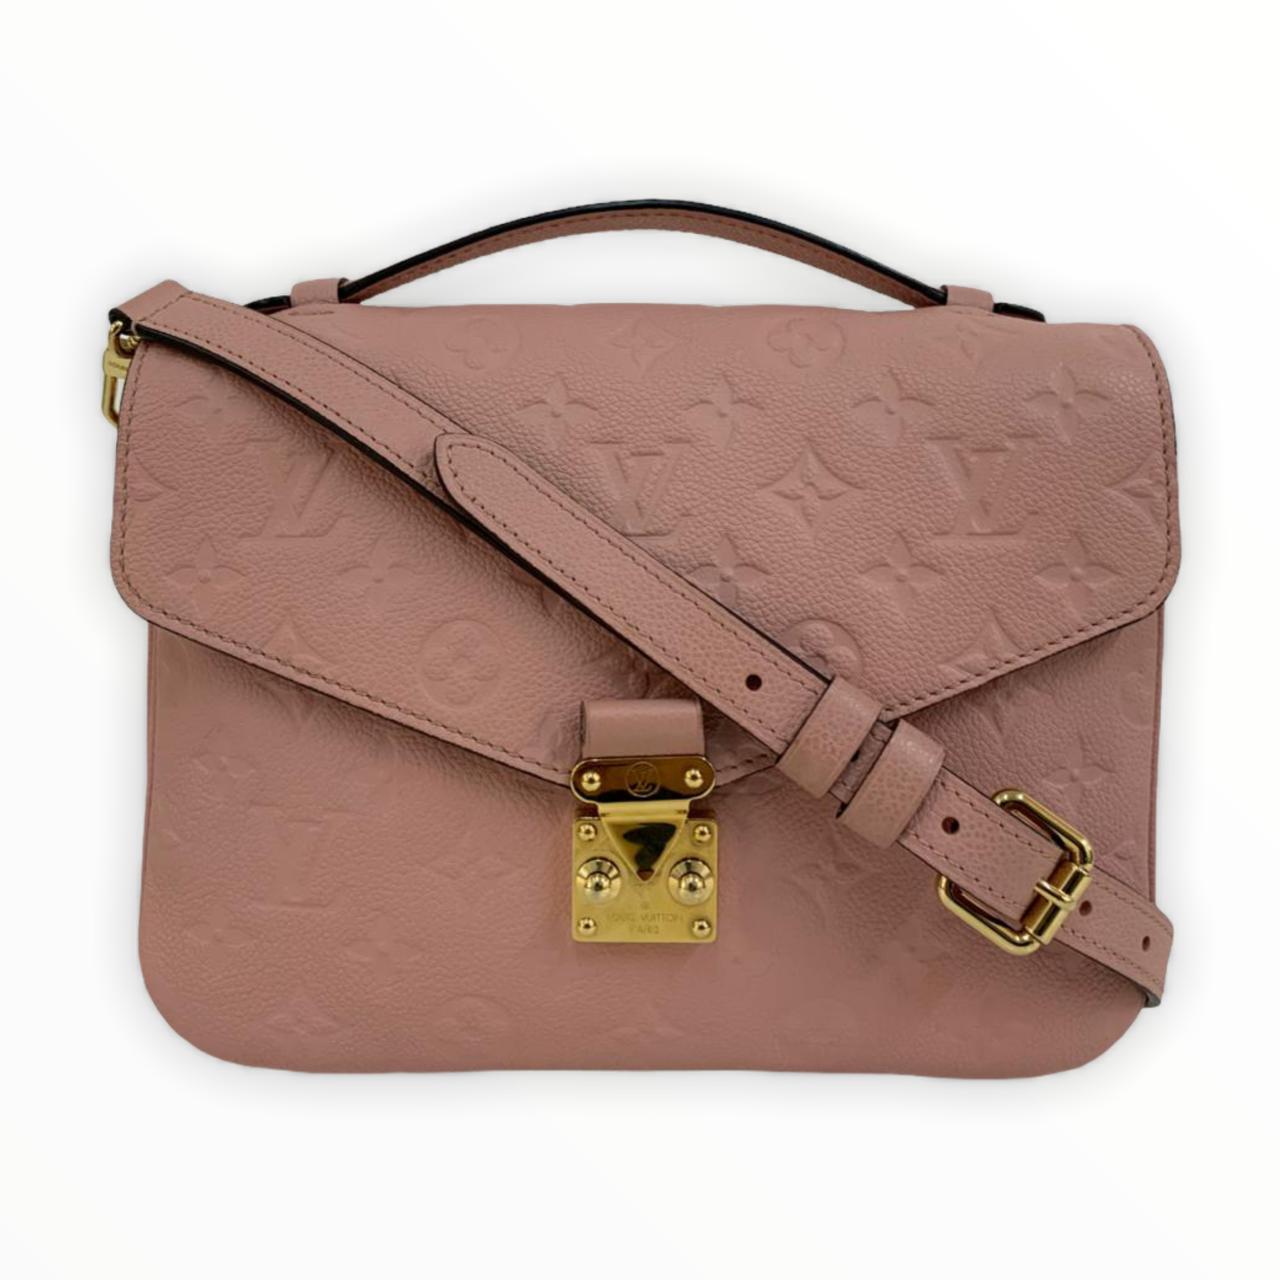 Bolsa Louis Vuitton Pochette Métis Empreinte Rose Poudre